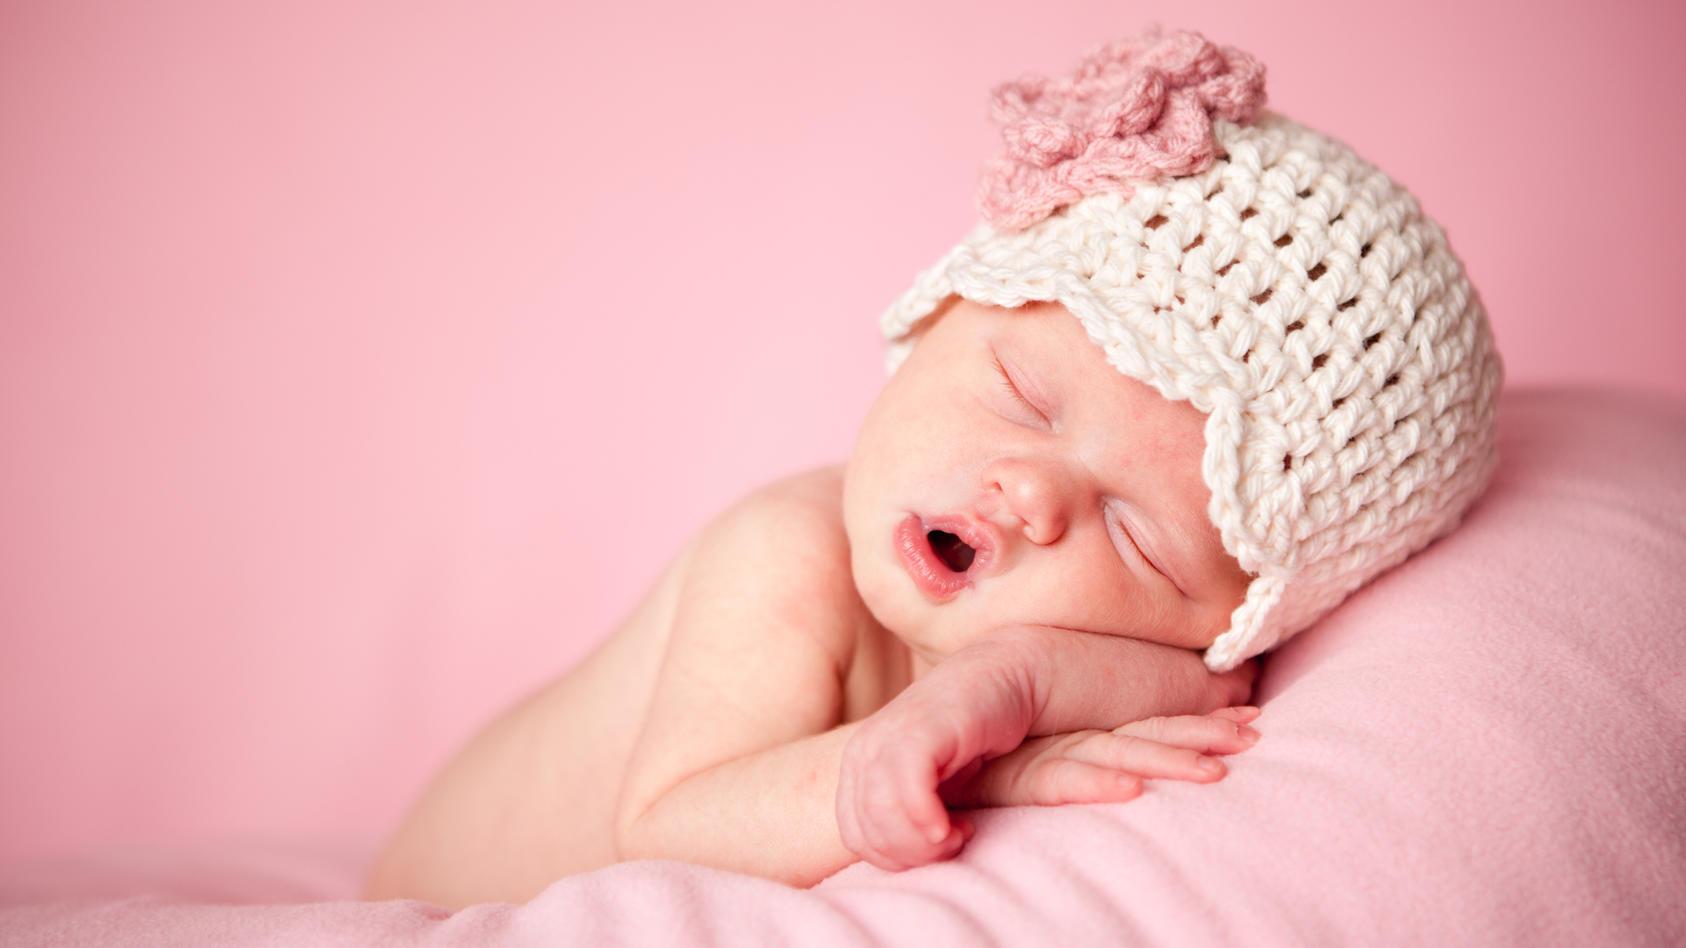 Eine US-Studie hat herausgefunden, dass gestresste Frauen eher Mädchen zur Welt bringen.